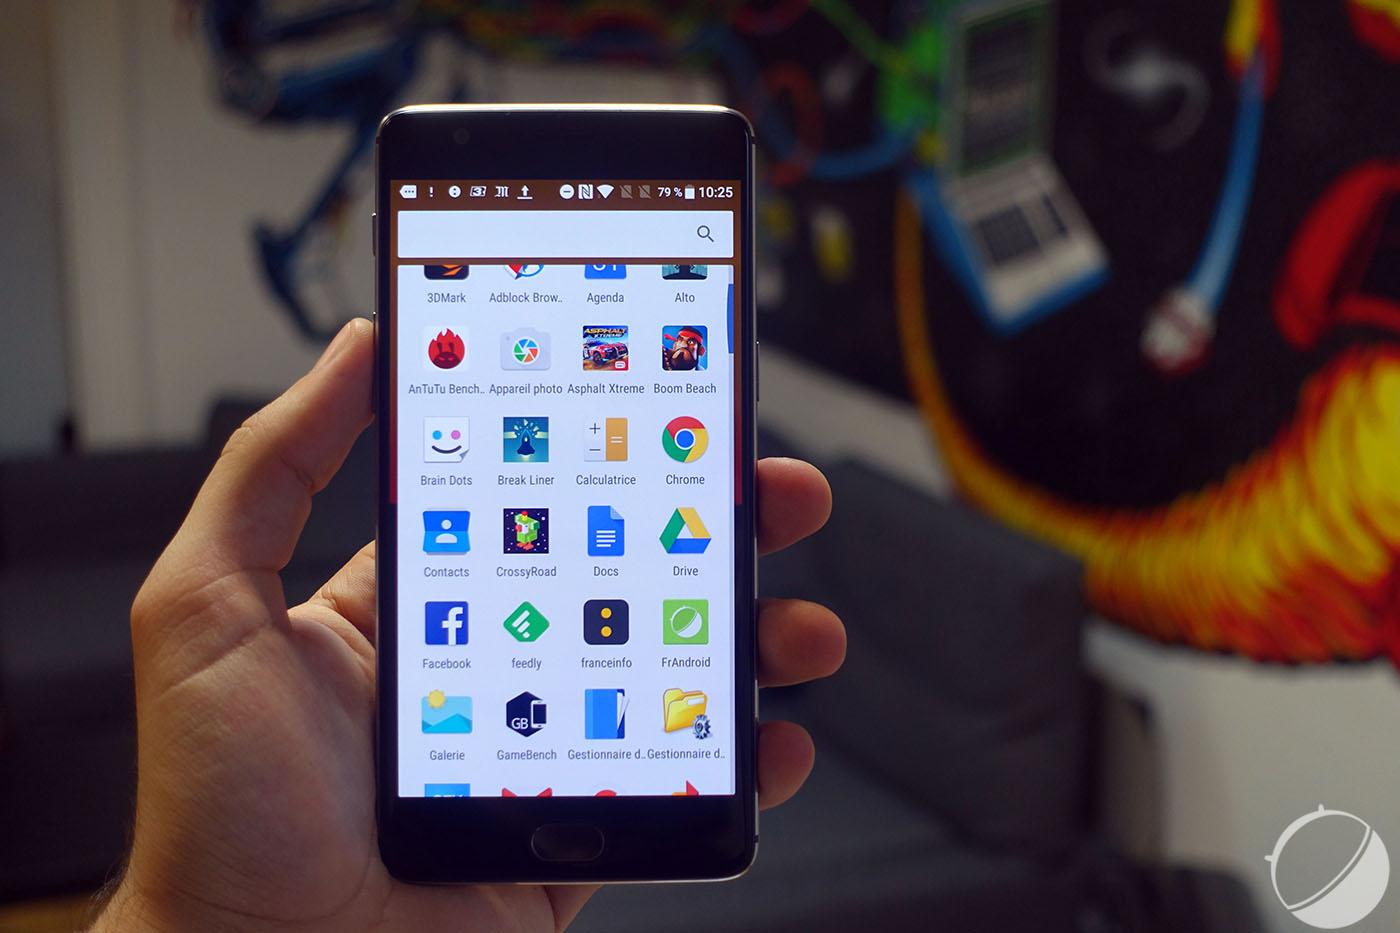 🔥 Bon plan : Le OnePlus 3T est à 390 euros au lieu de 439 euros sur PriceMinister